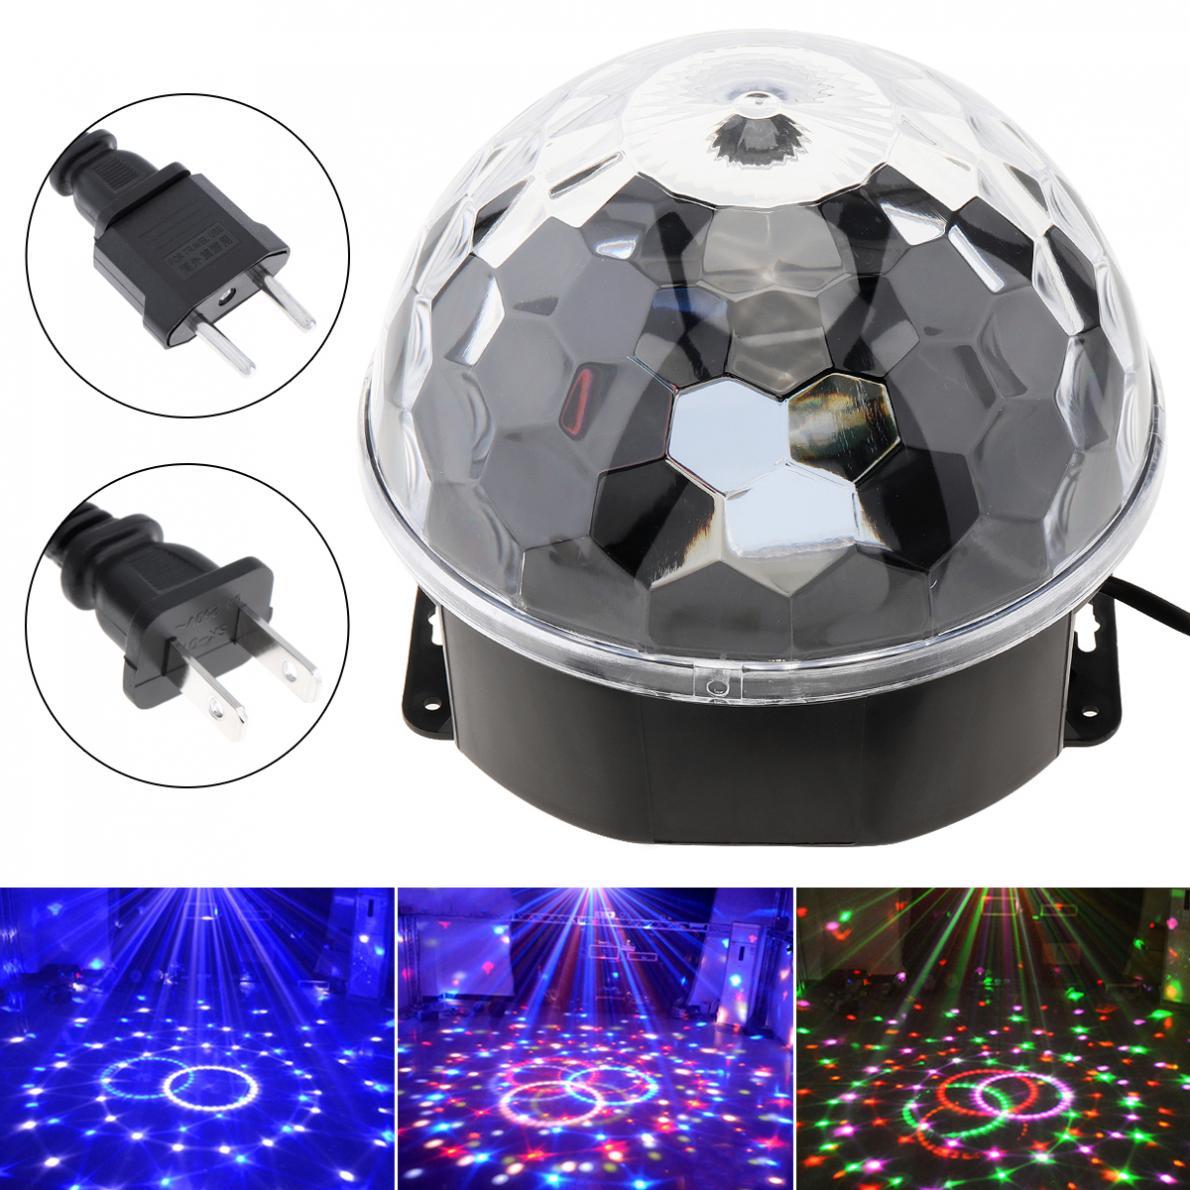 dmx512 discoteca dj iluminacao de palco led digital rgb bola de cristal efeito luz